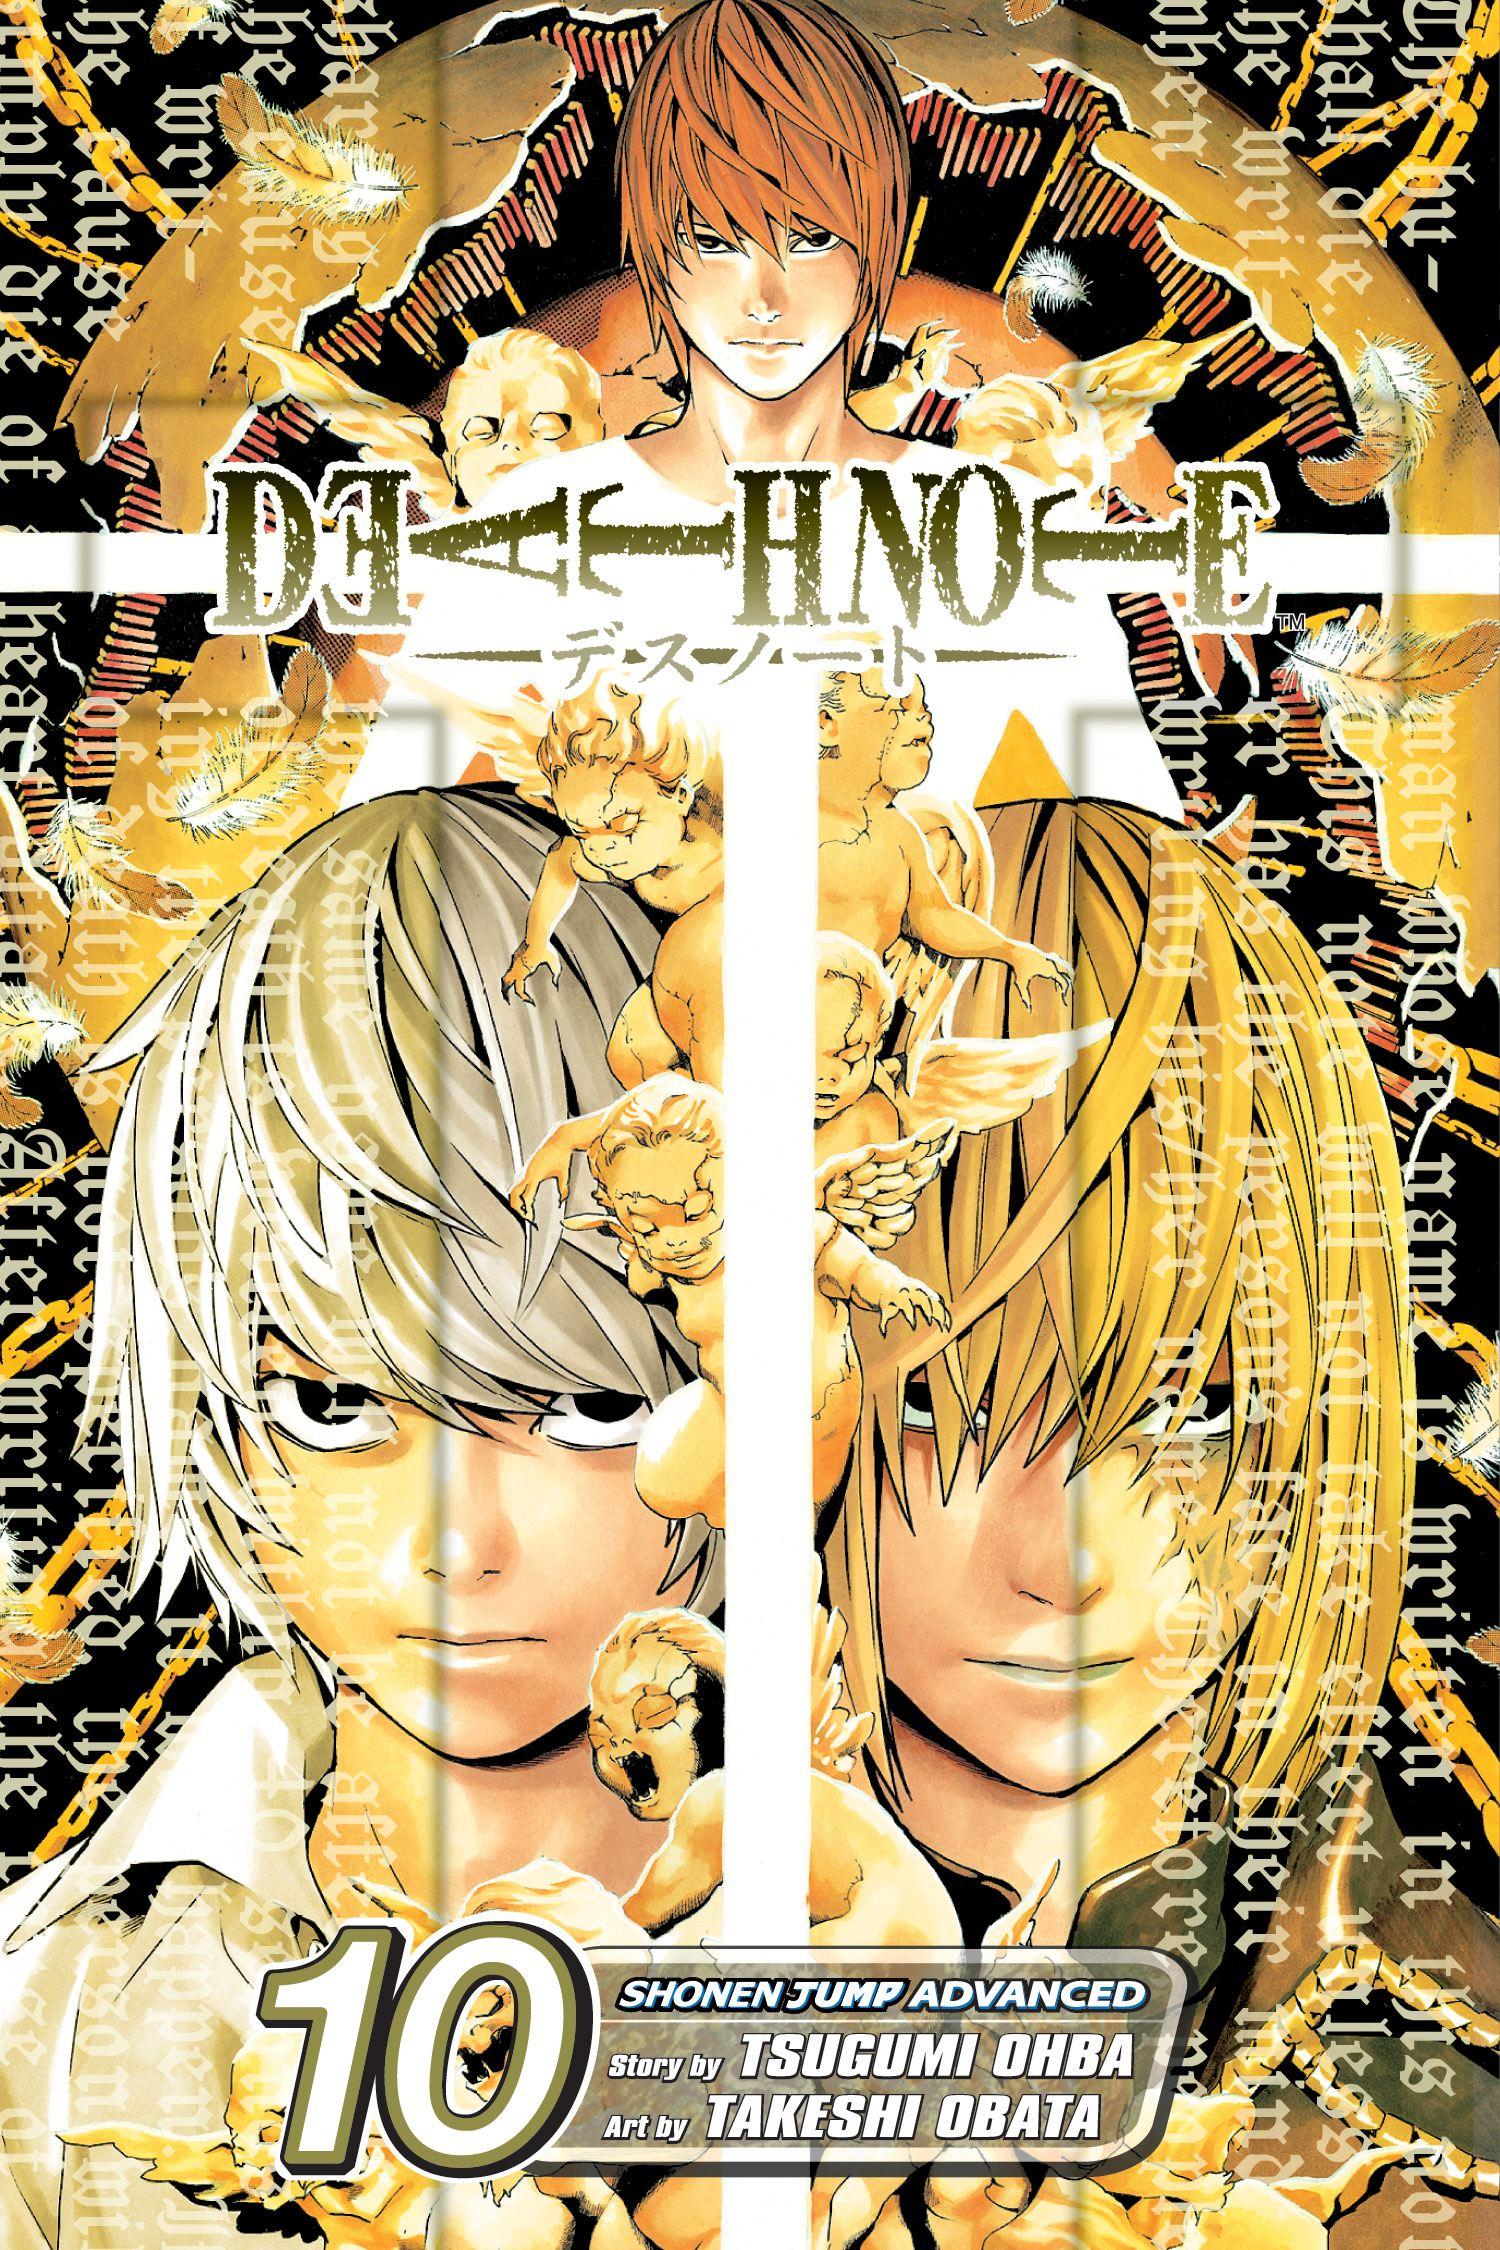 Death note vol 10 9781421511559 hr